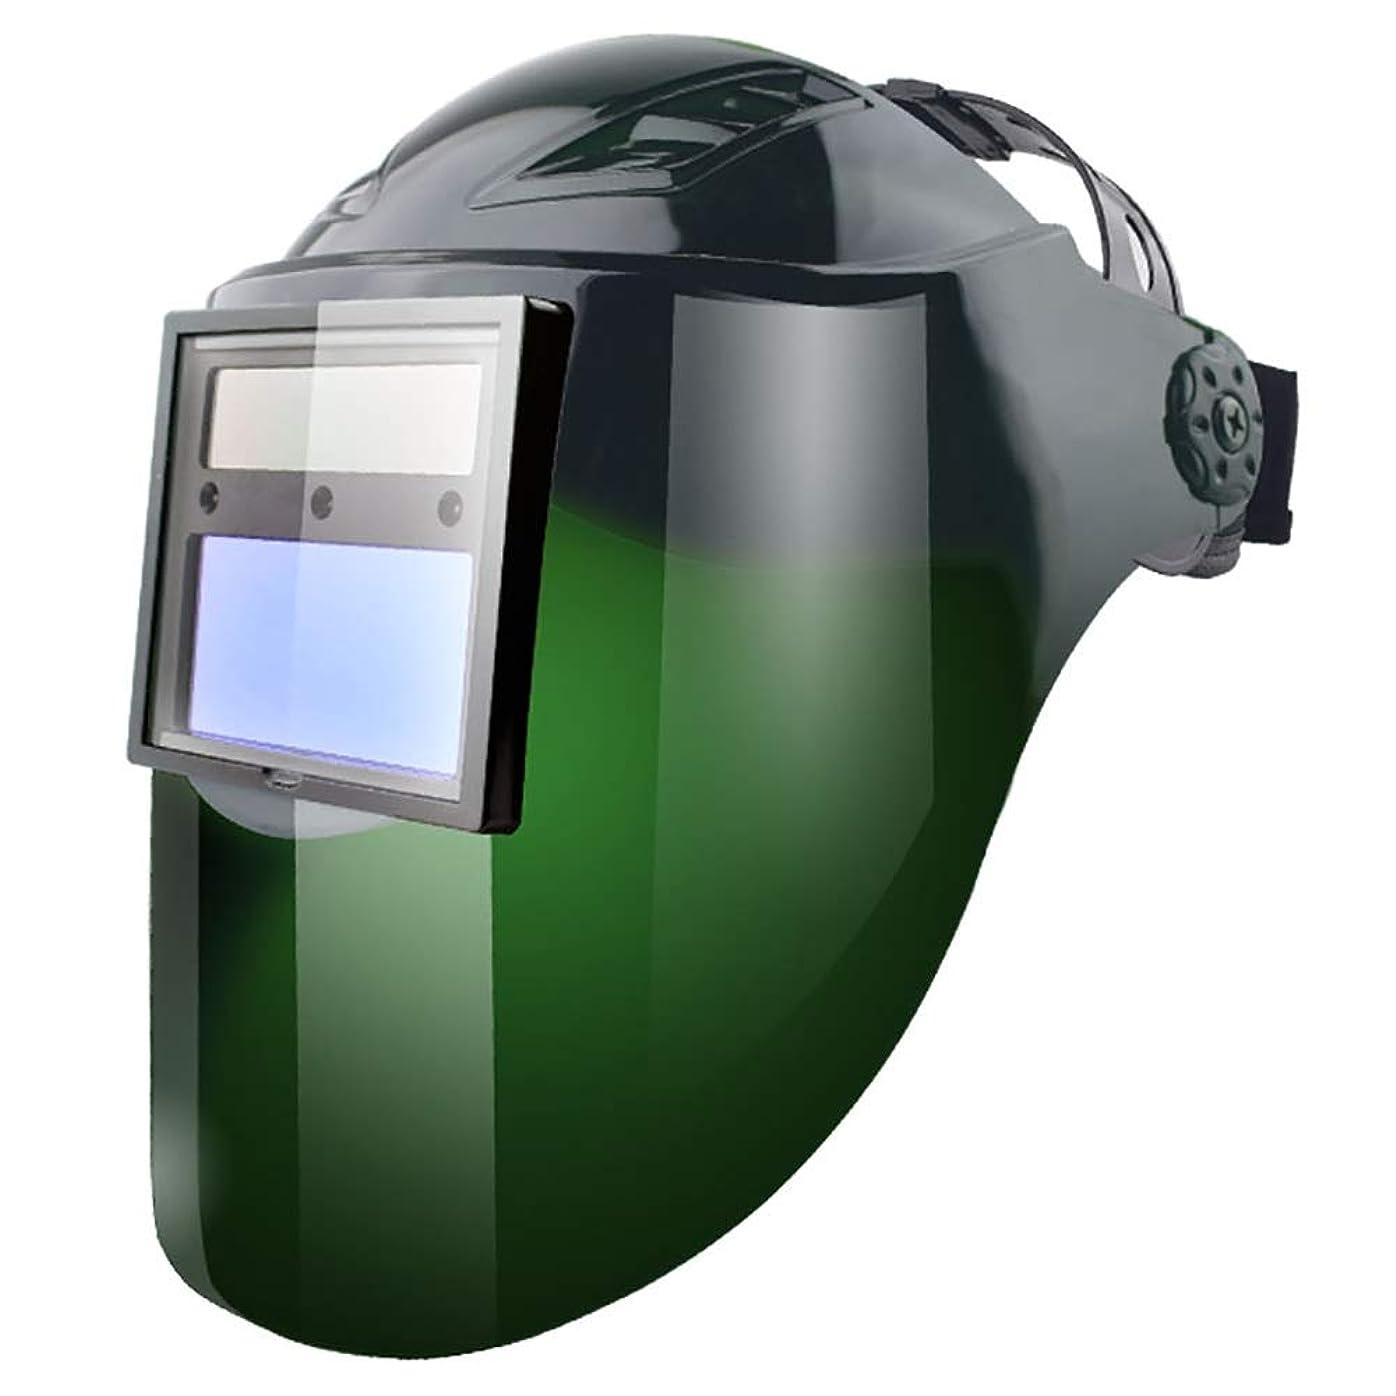 反対するリンス弱い梁友 溶接マスク - 自動調光ヘッドマウントメガネアンチローストフェイスアルゴンアーク安全溶接キャップフェイスヘルメット 溶接ヘルメット (色 : C)